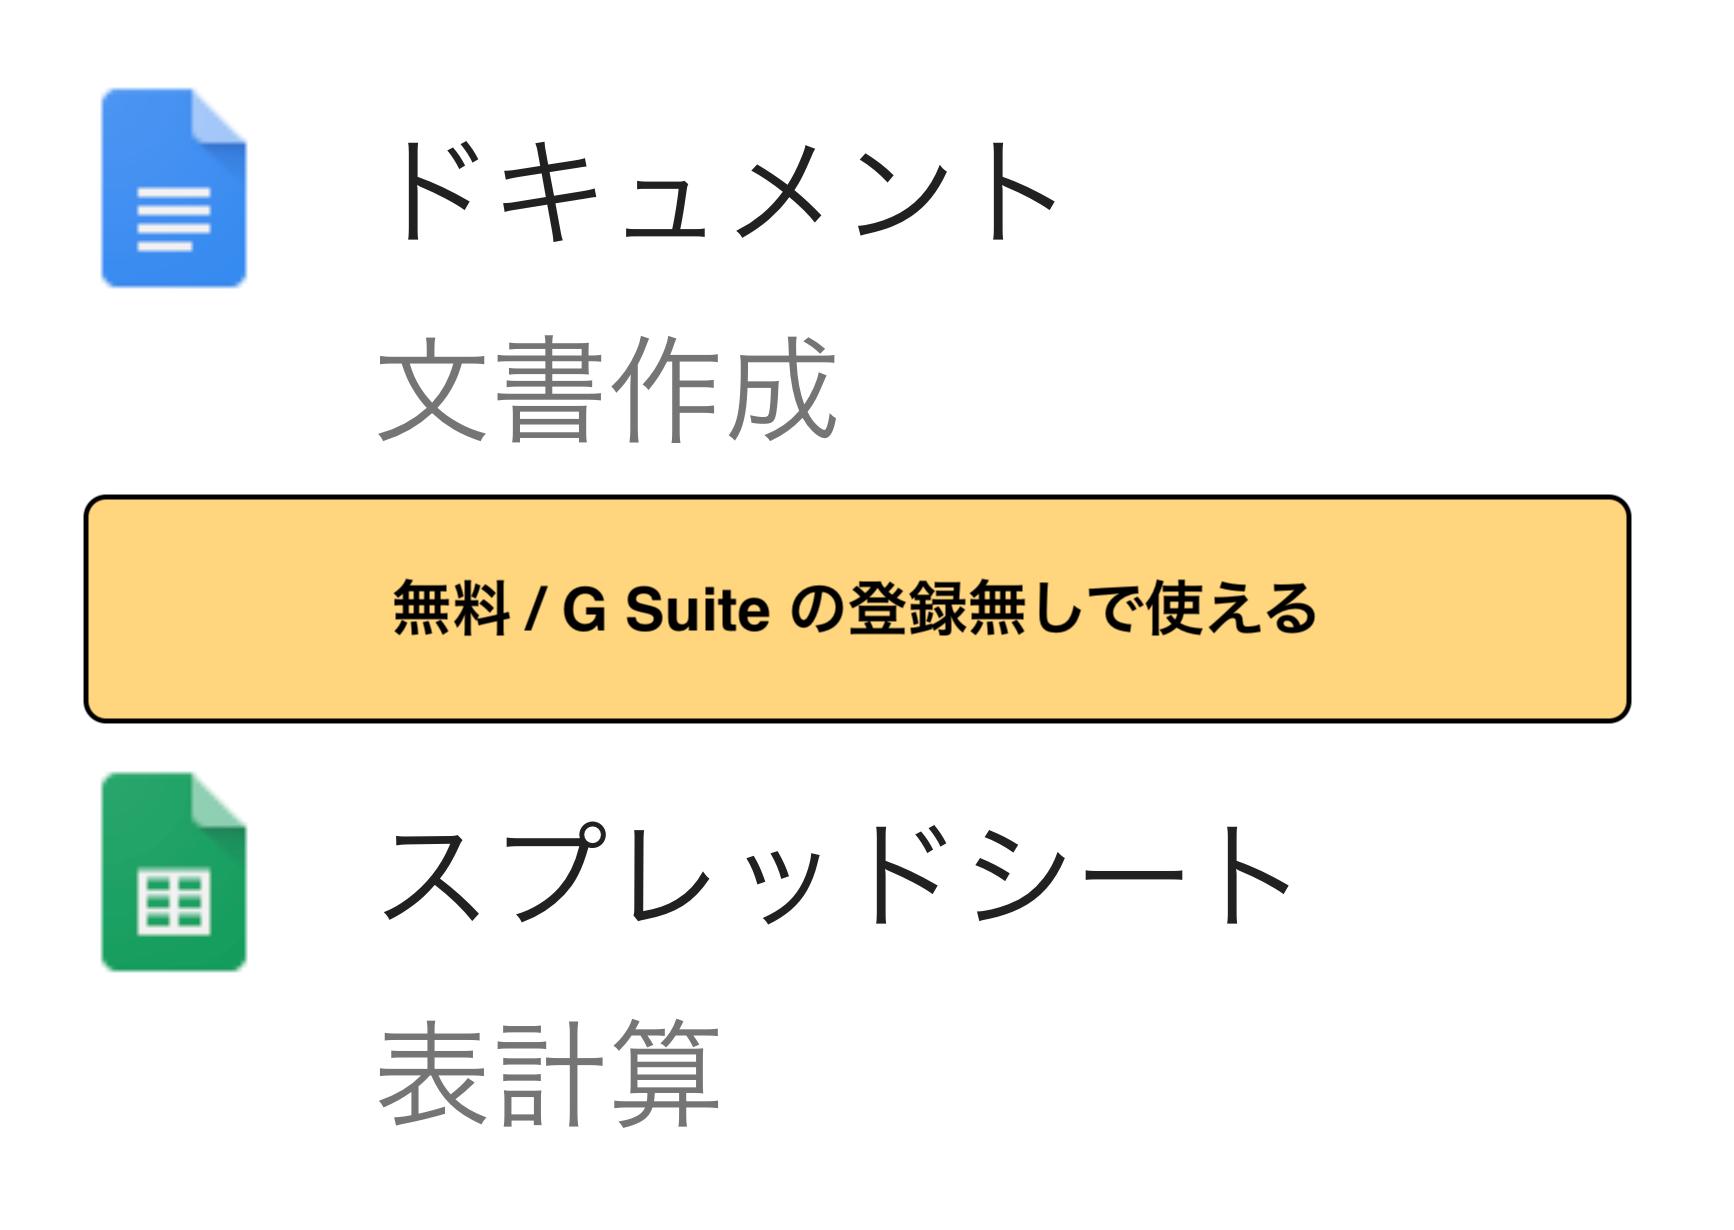 Google ドキュメントとスプレッドシートはG Suiteの登録無しで無料で使うことができます